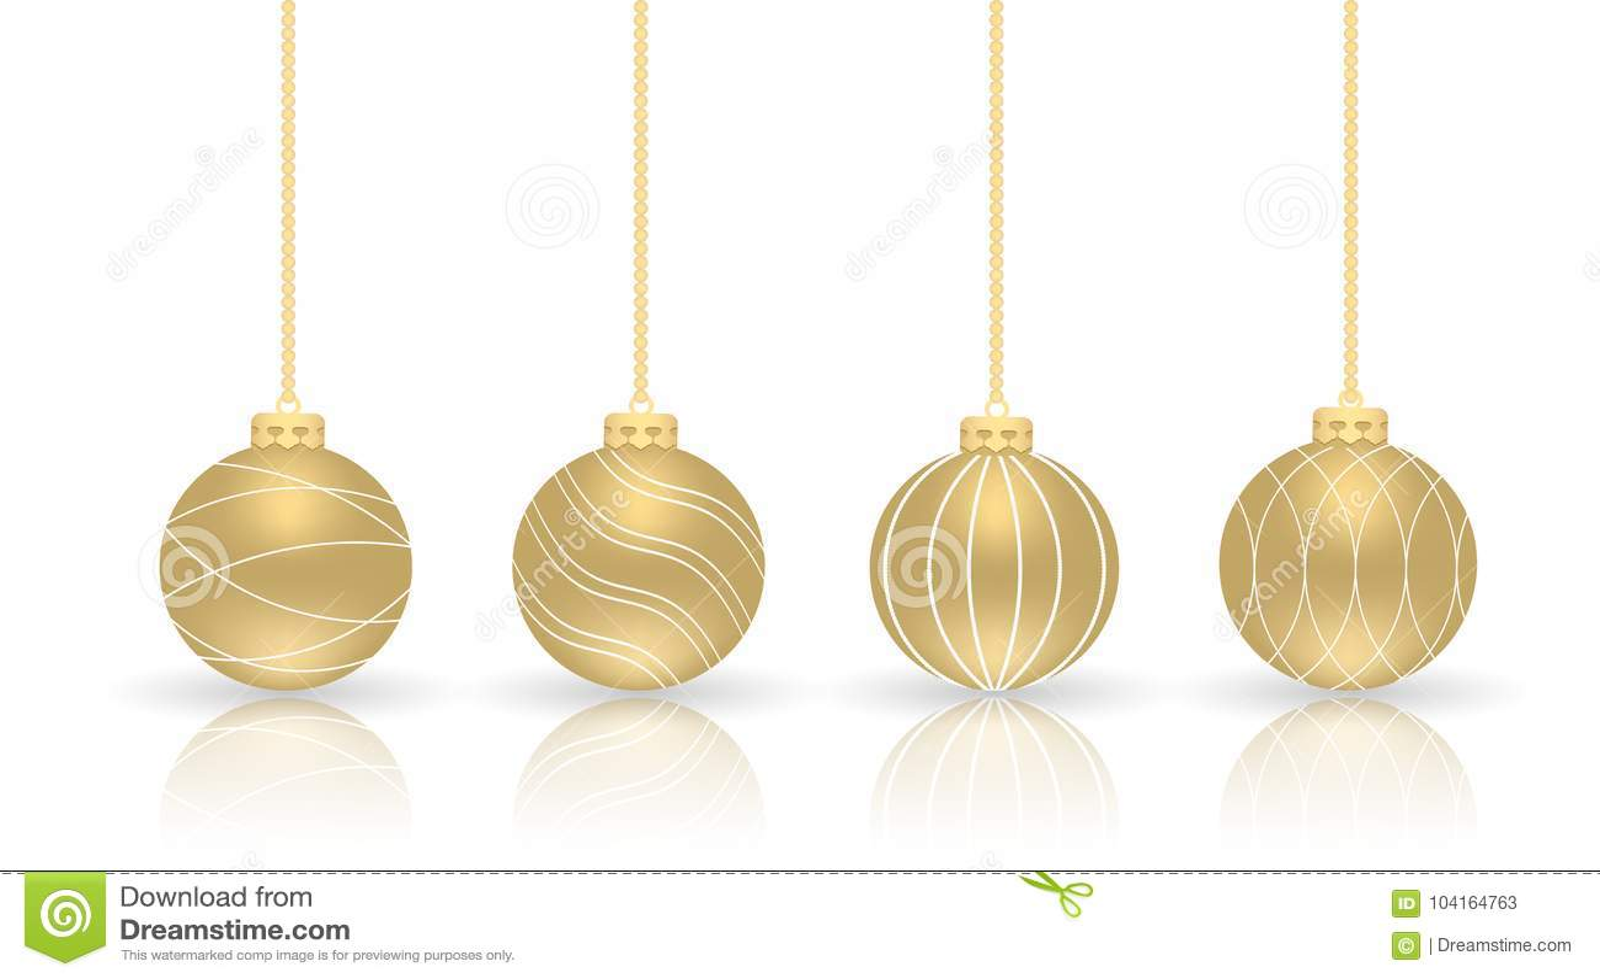 Goldene Weihnachtskugeln.Goldene Weihnachtskugeln Satz Lokalisierte Realistische Dekorationen